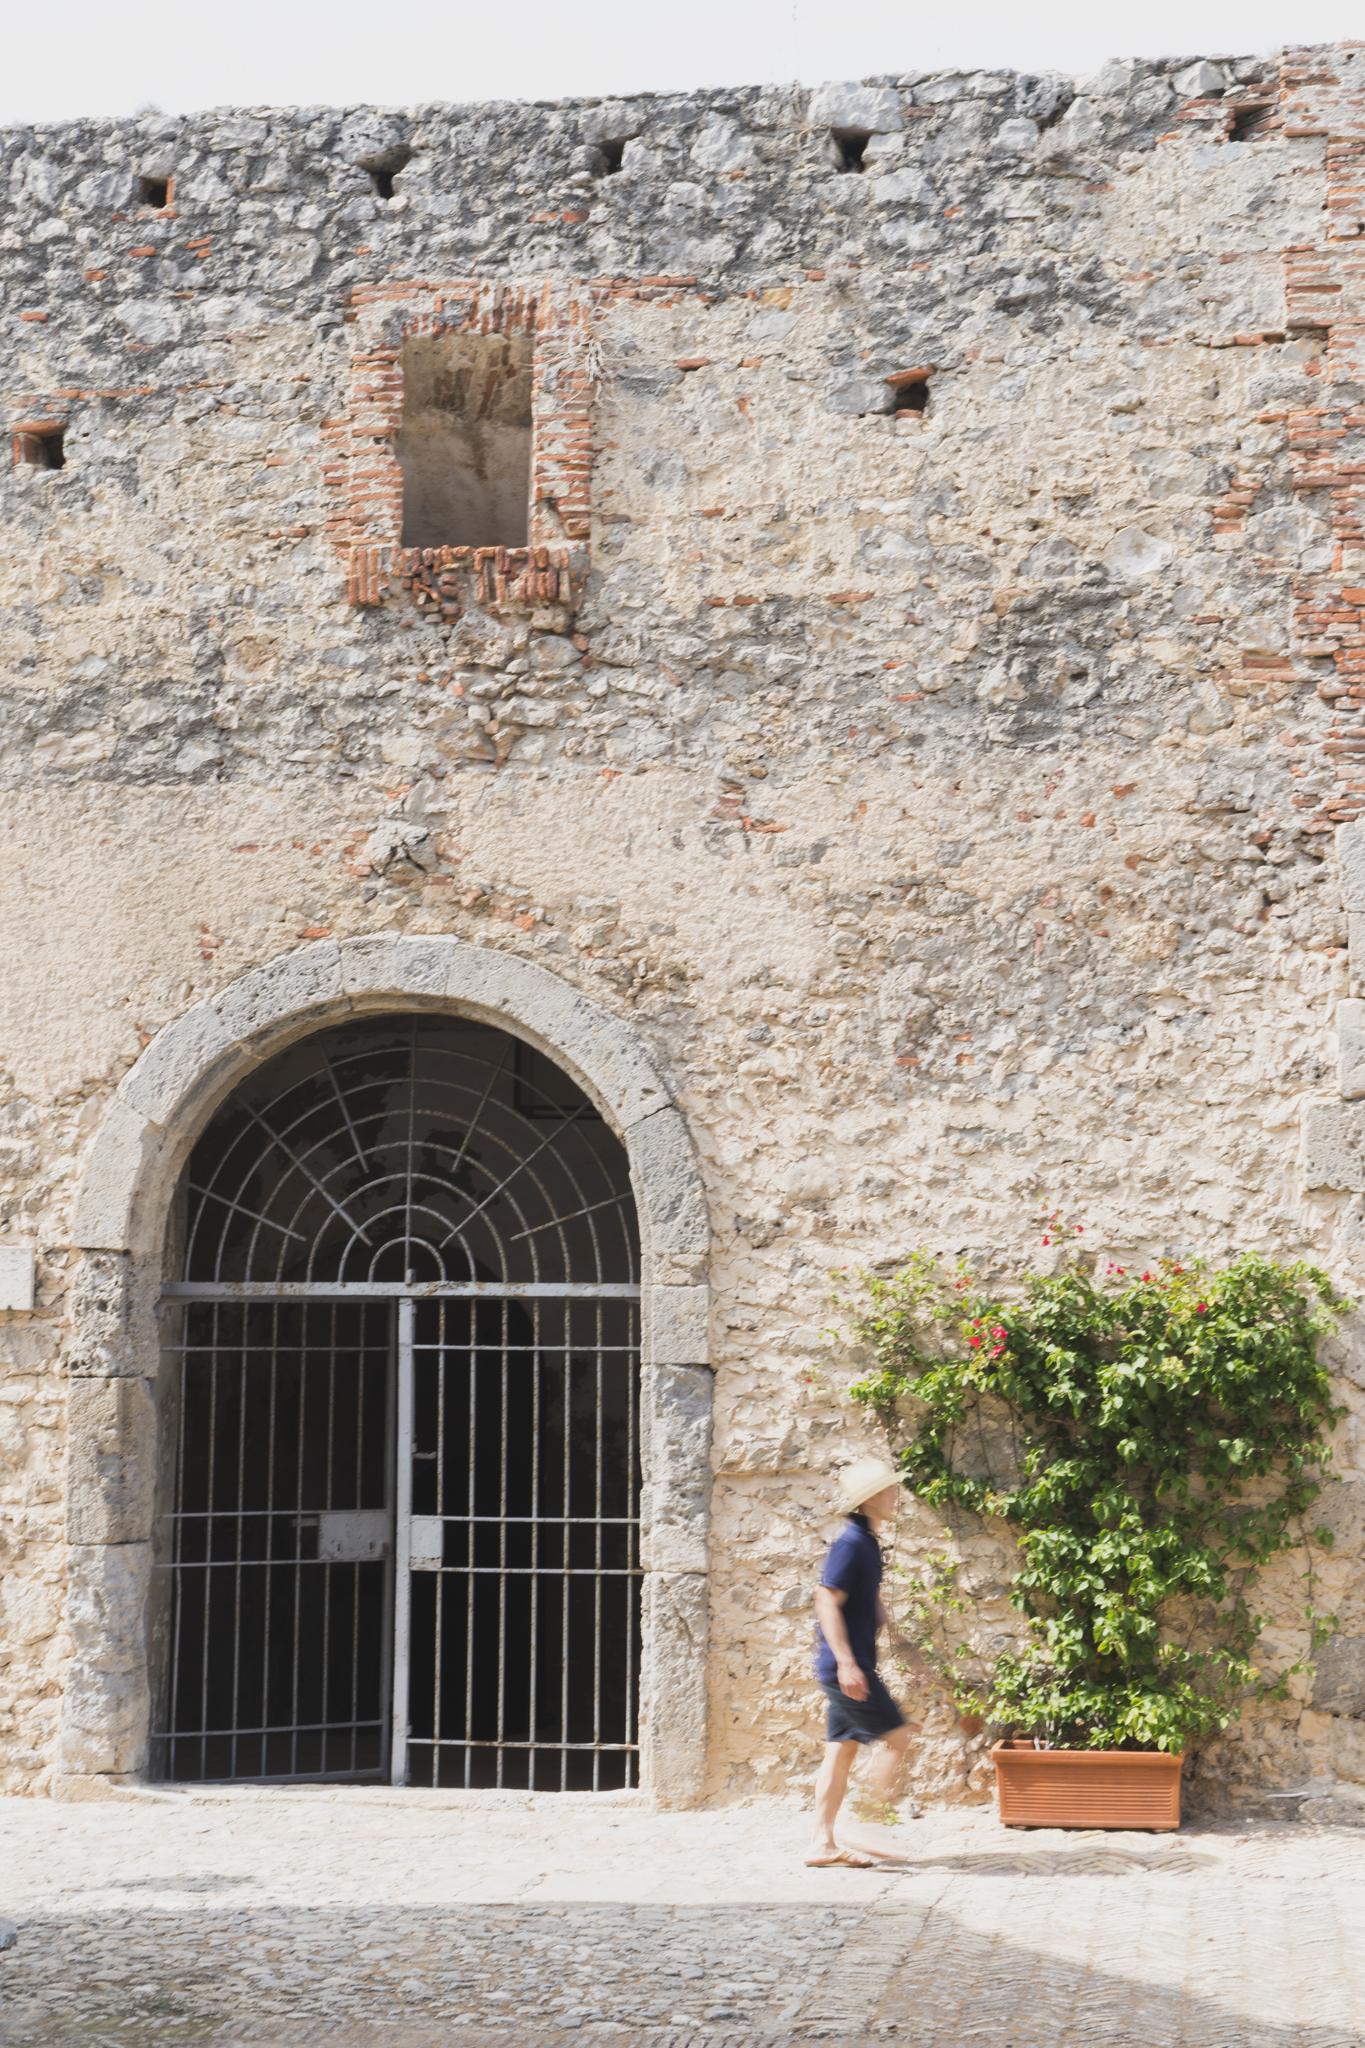 alicia cho photography - Porto Ercole, Italy - Rocca Espagnole